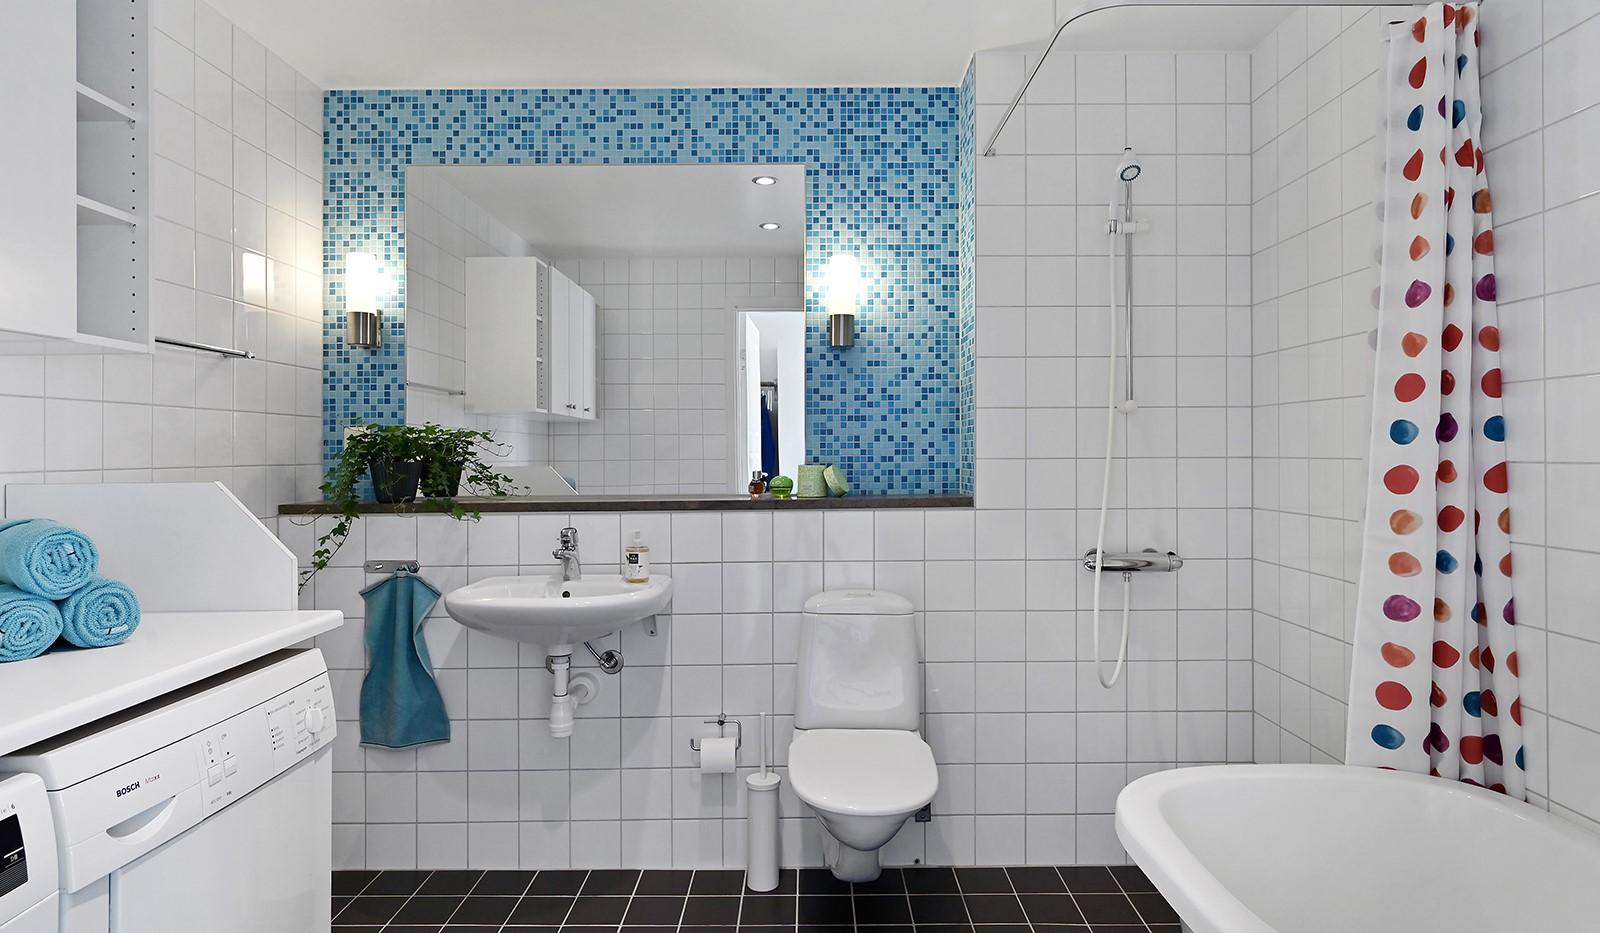 Blekegatan 1, 6 tr - Rymligt badrum utrustat med tvättmaskin och torktumlare